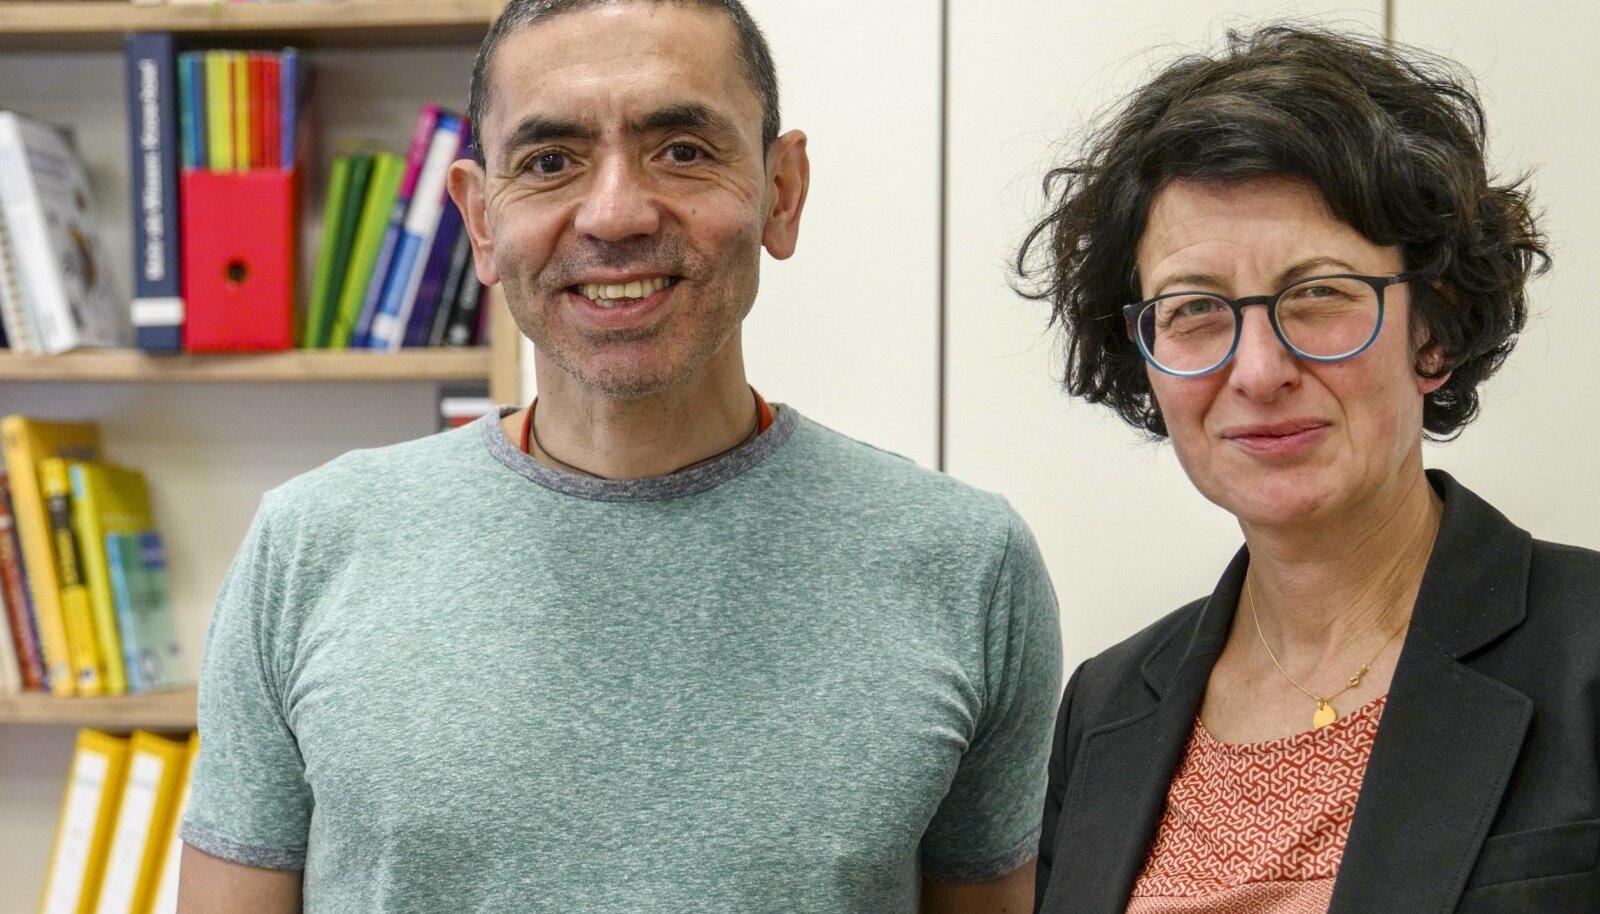 MAAILMAPÄÄSTJAD: BioNtechi loonud abielupaar Ugur Sahin ja Özlem Türeci. See pilt on maist 2018, kui maailm ei kujutanud praegust pandeemiat ettegi.